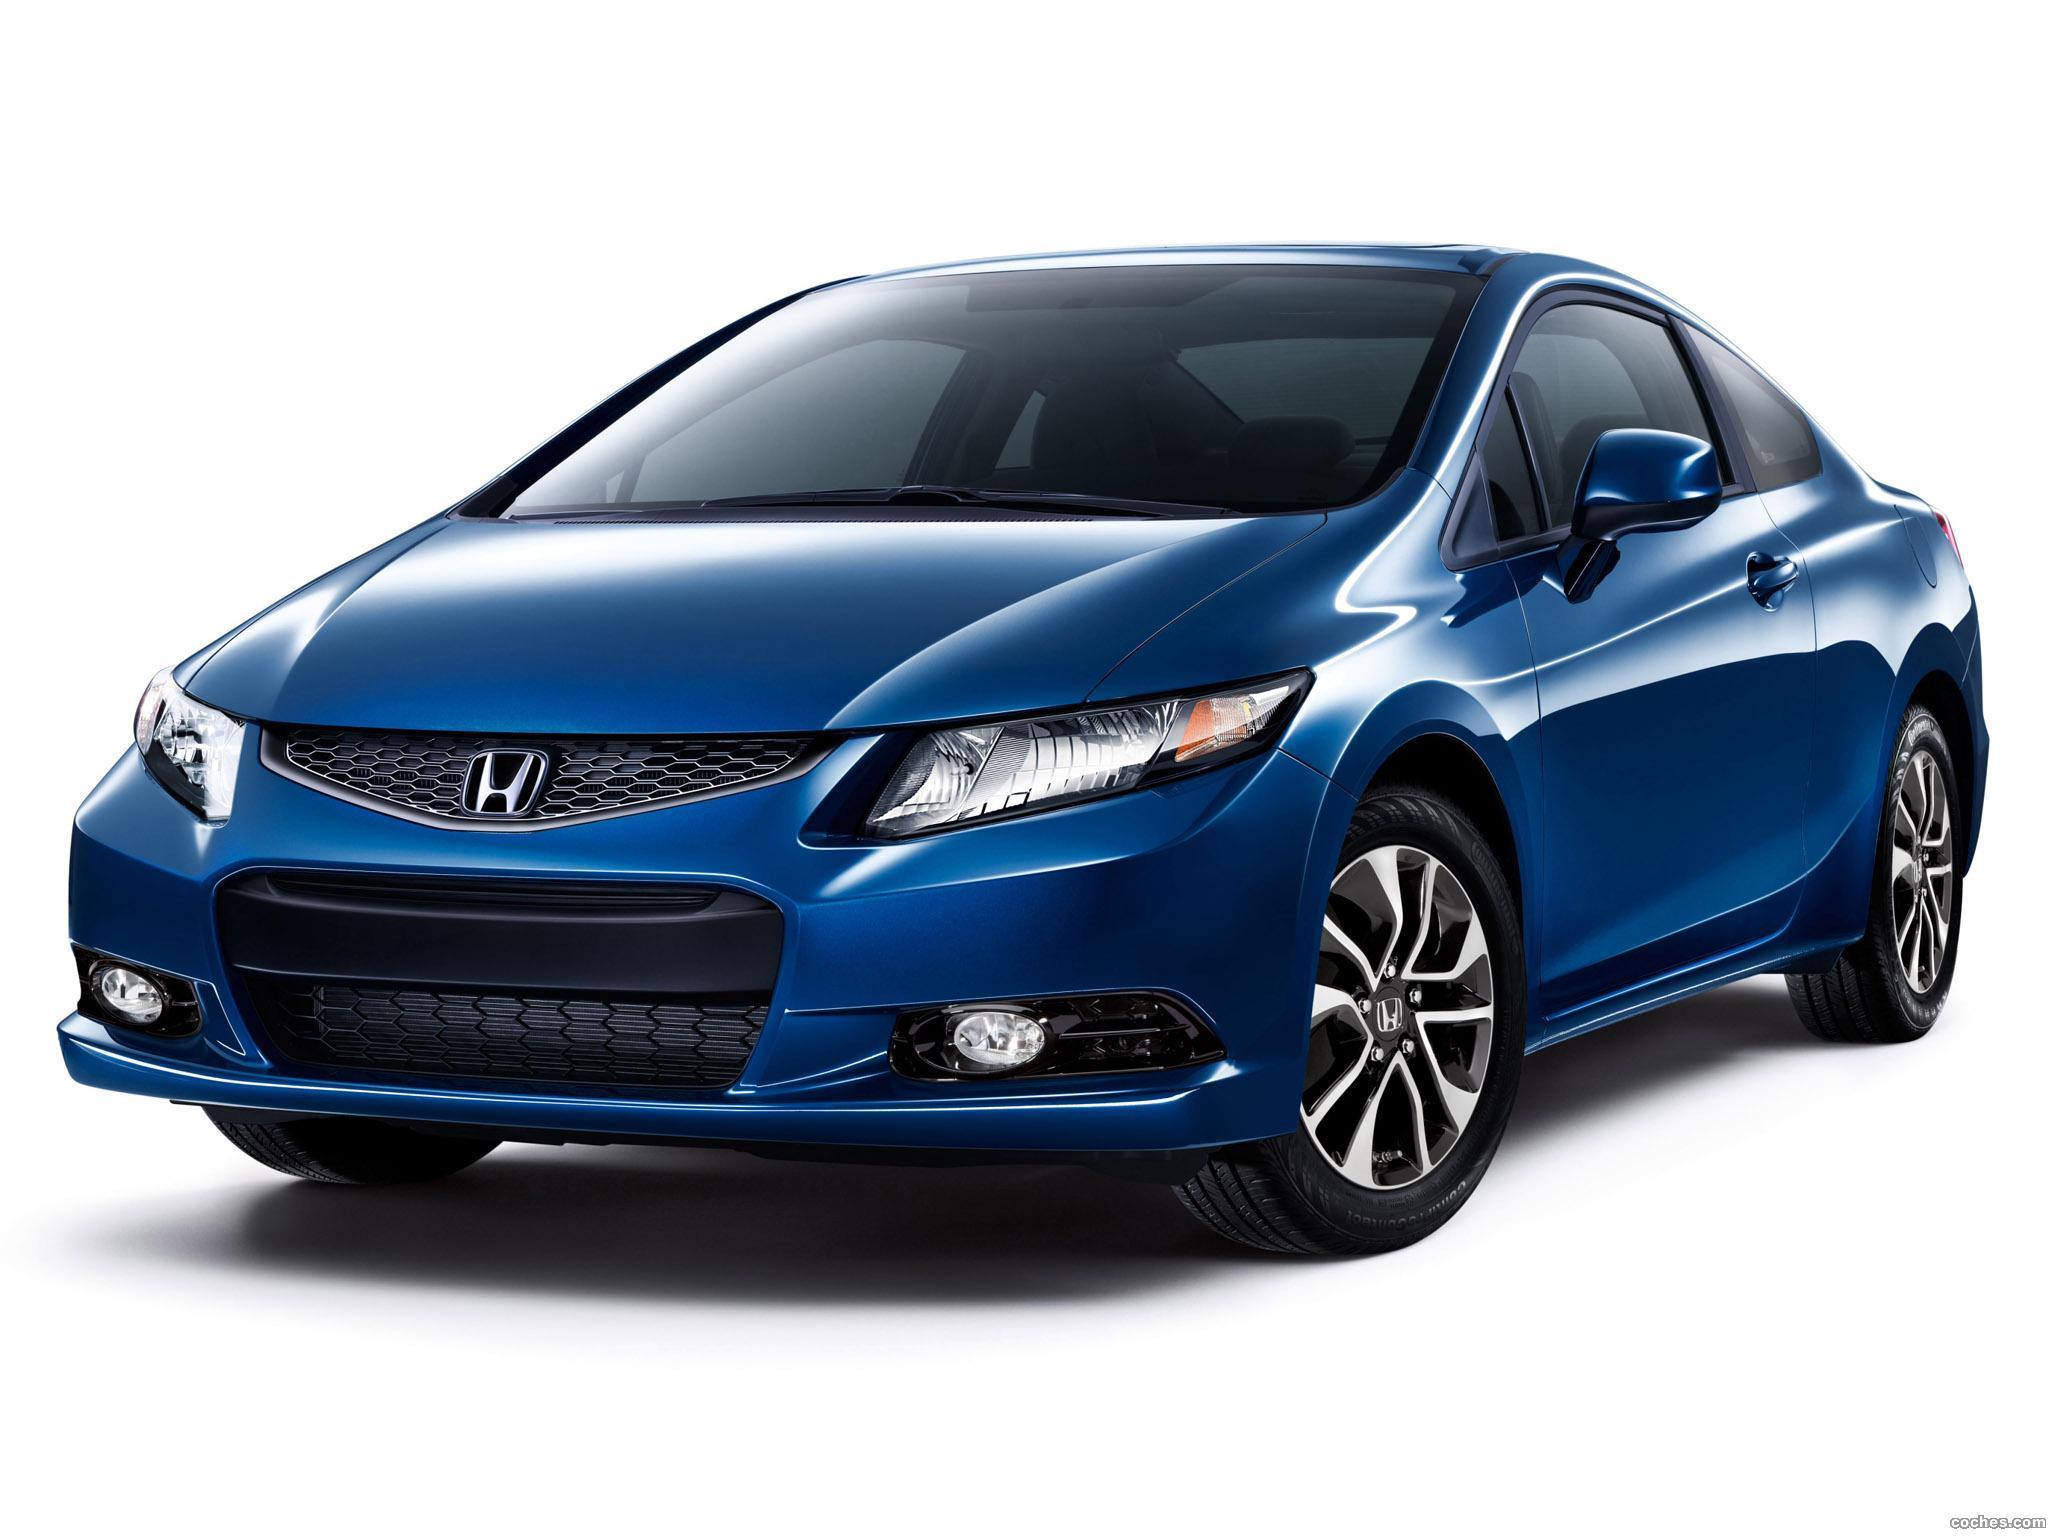 Foto 0 de Honda Civic Coupe USA 2013